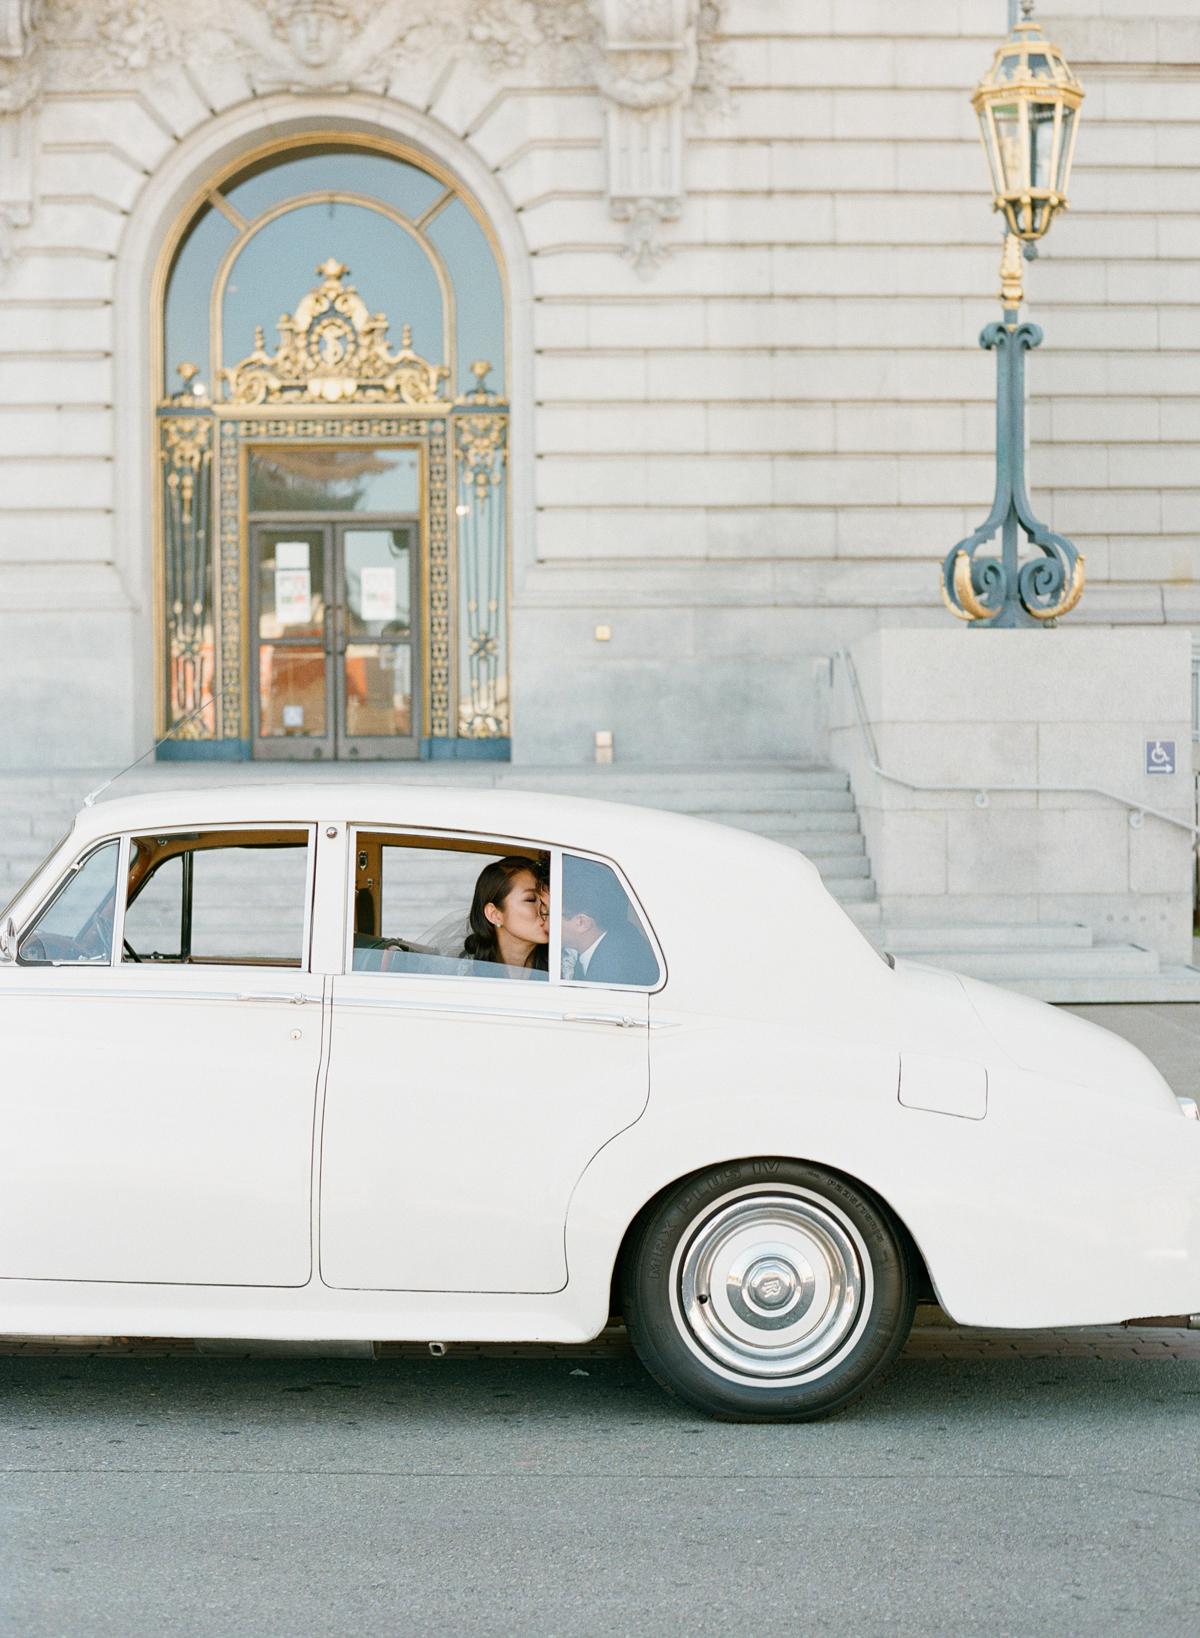 bride and groom sitting in back of white vintage getaway car